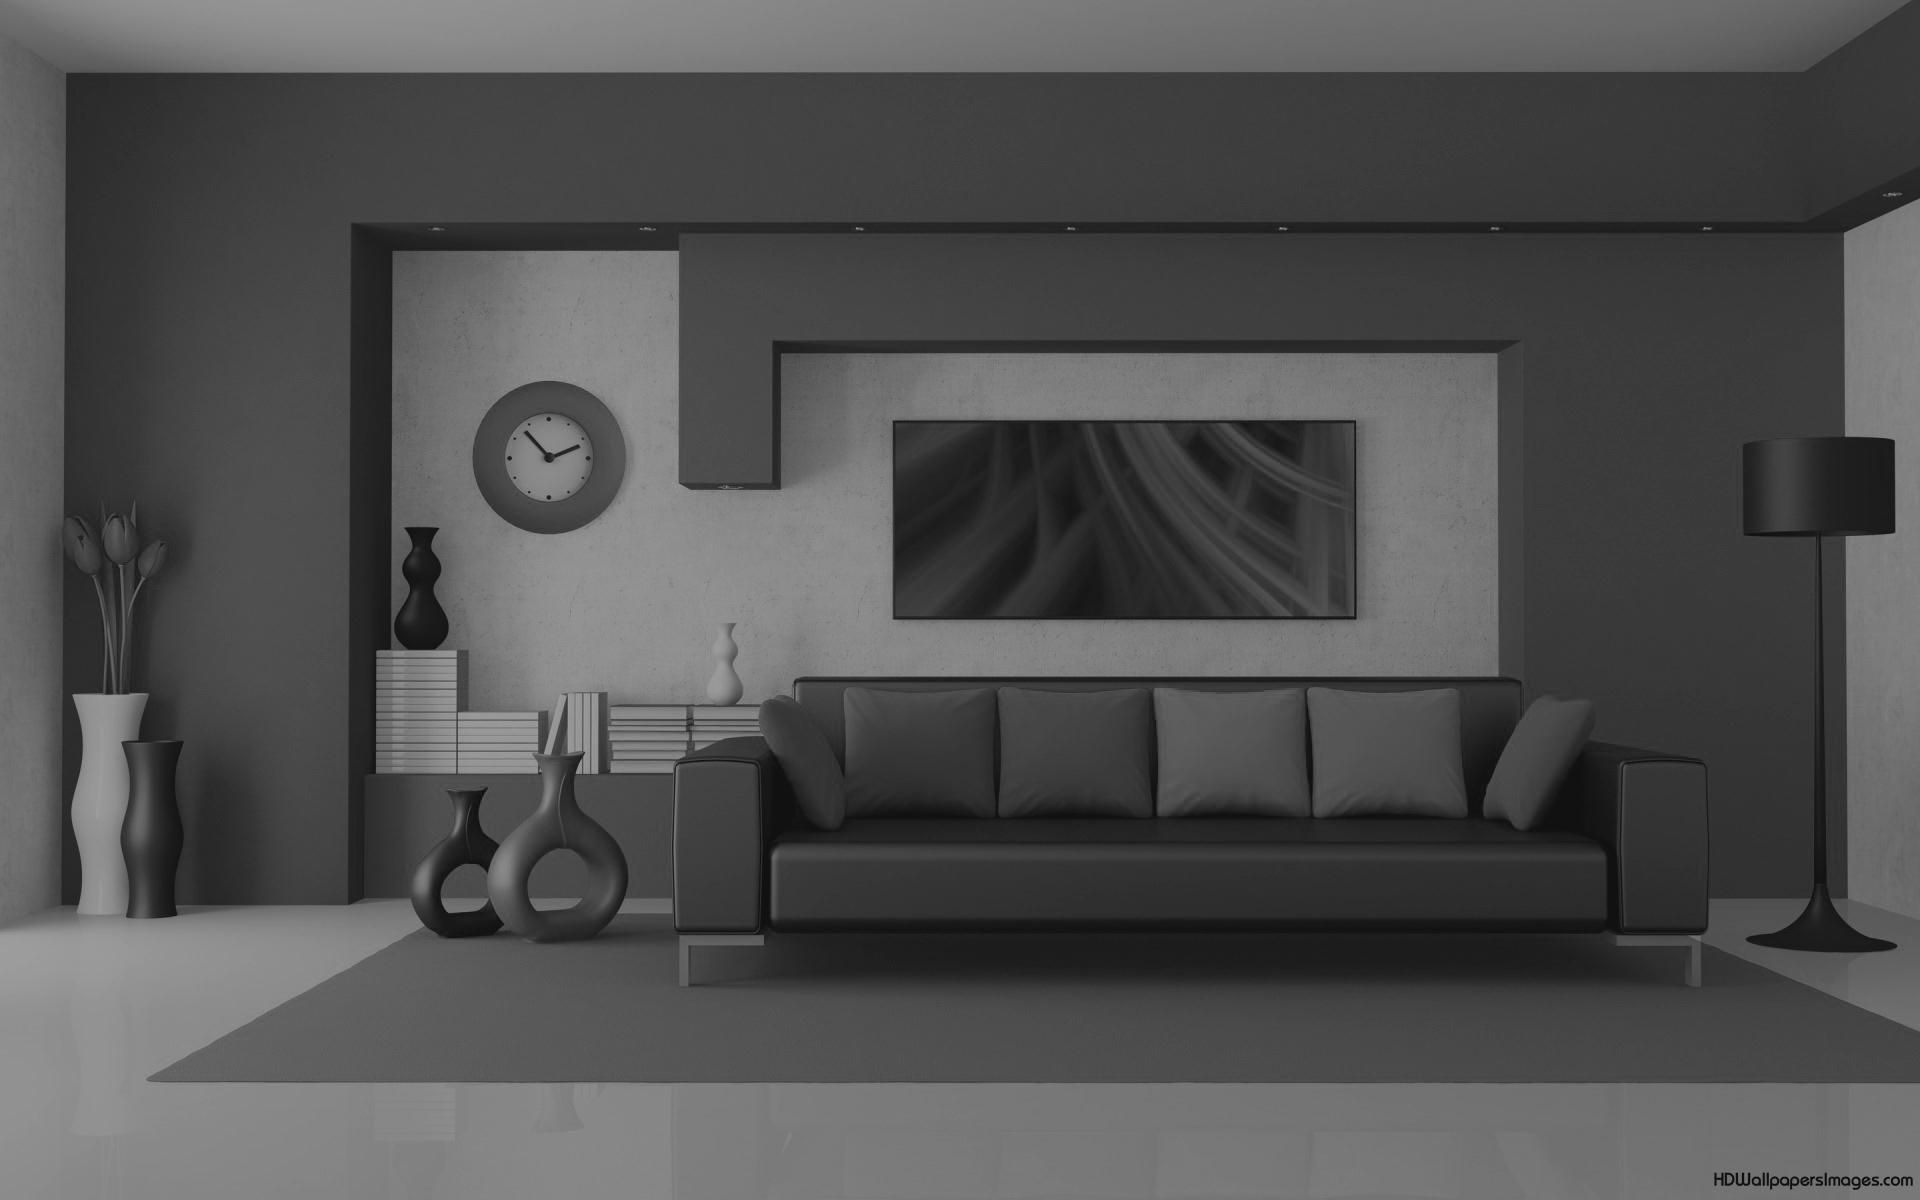 zwart wit foto van een sofa